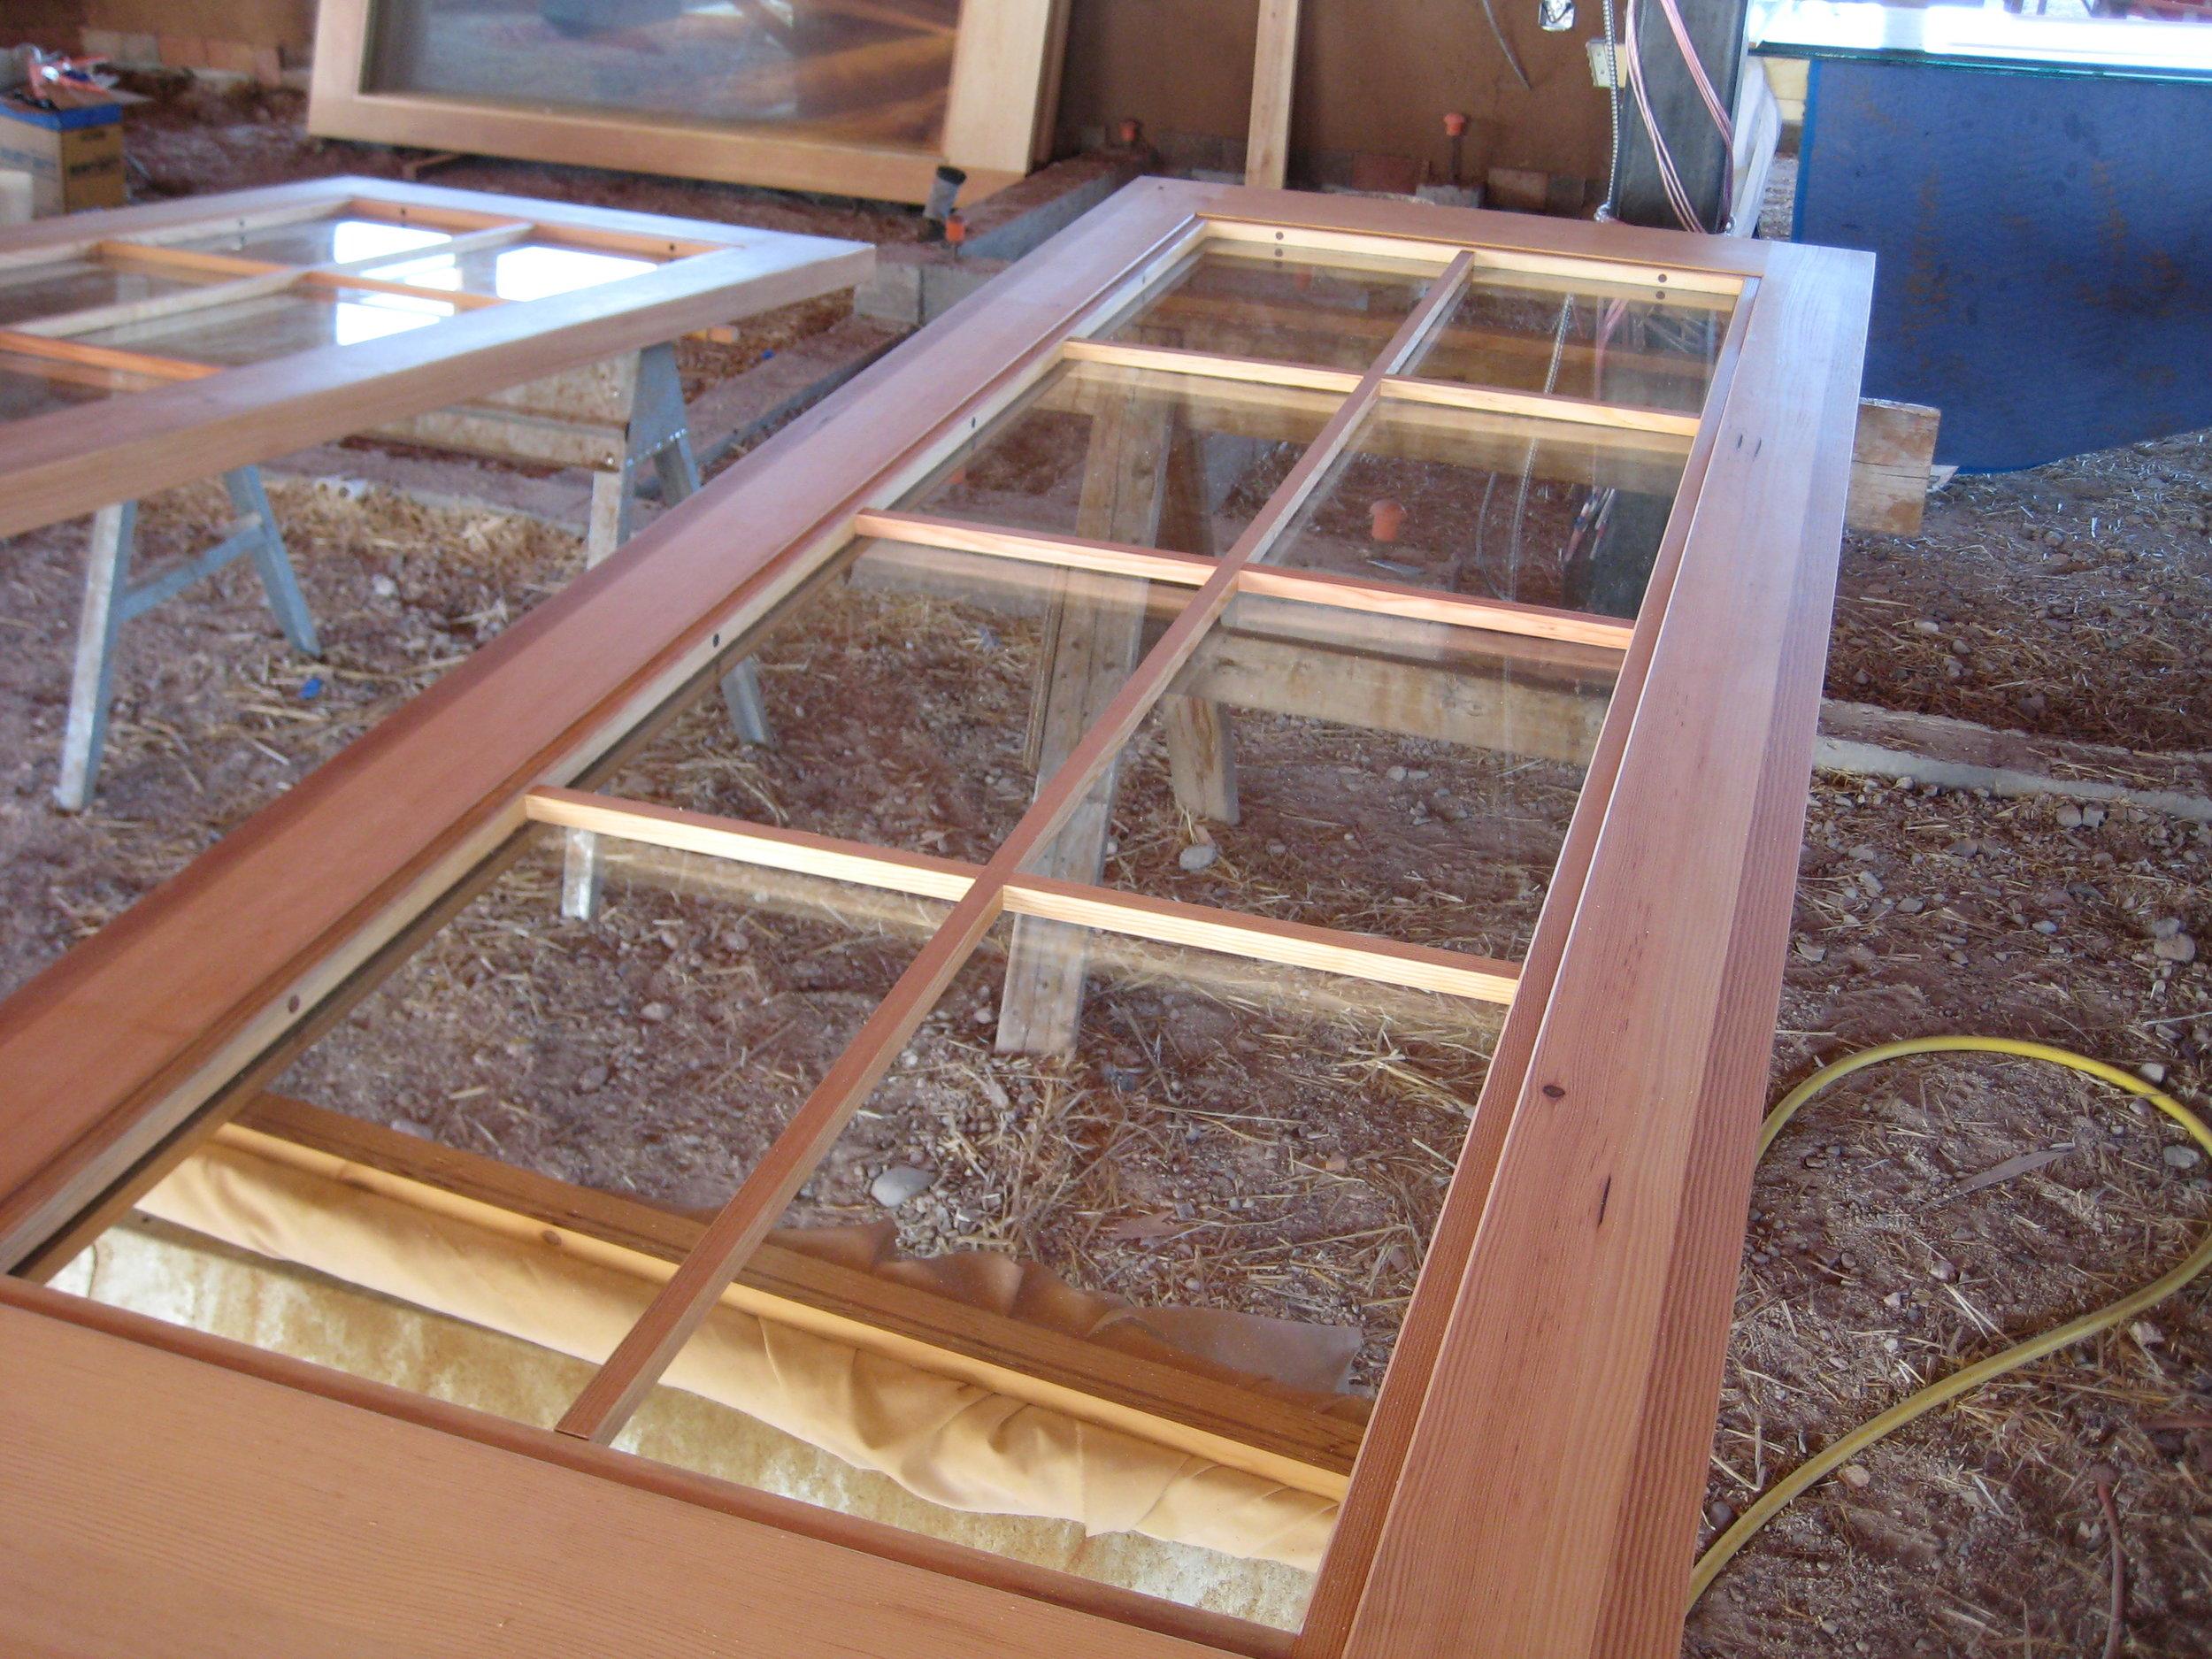 Douglas fir doors in production